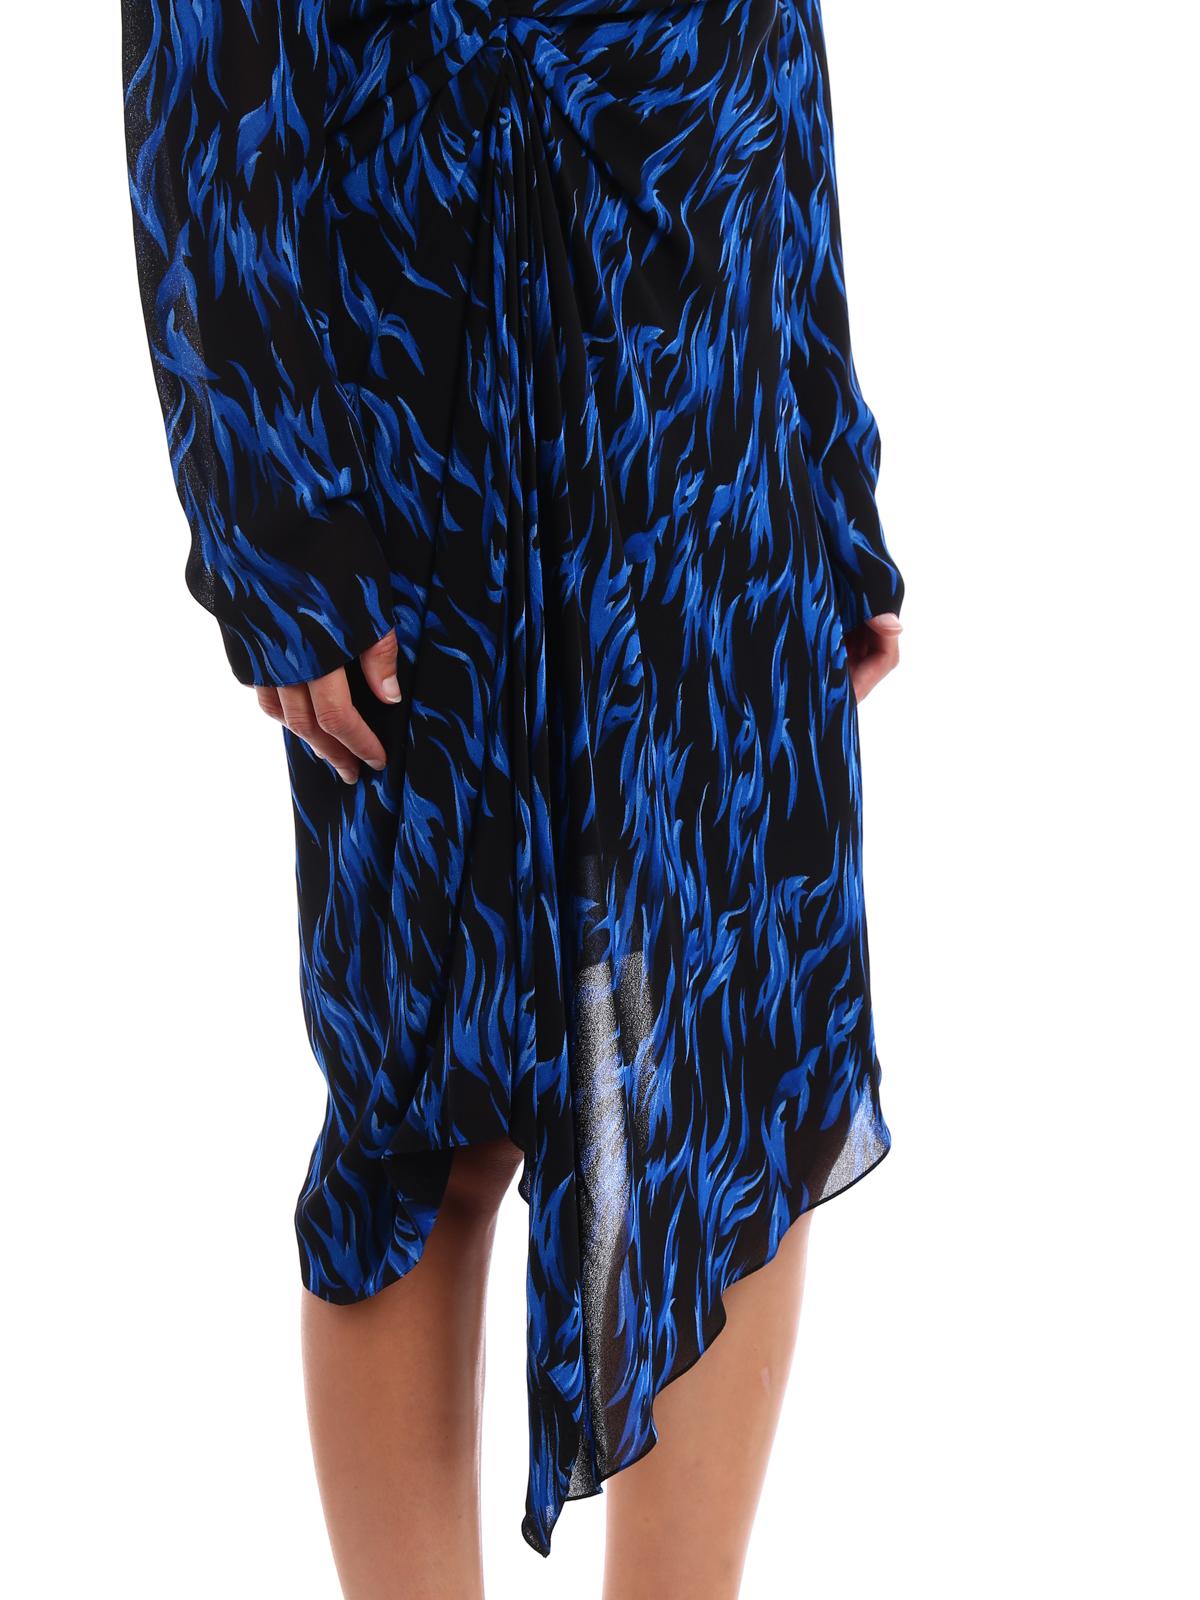 e05e5d1684b SAINT LAURENT buy online Patterned crepe asymmetric dress. SAINT LAURENT: knee  length dresses ...